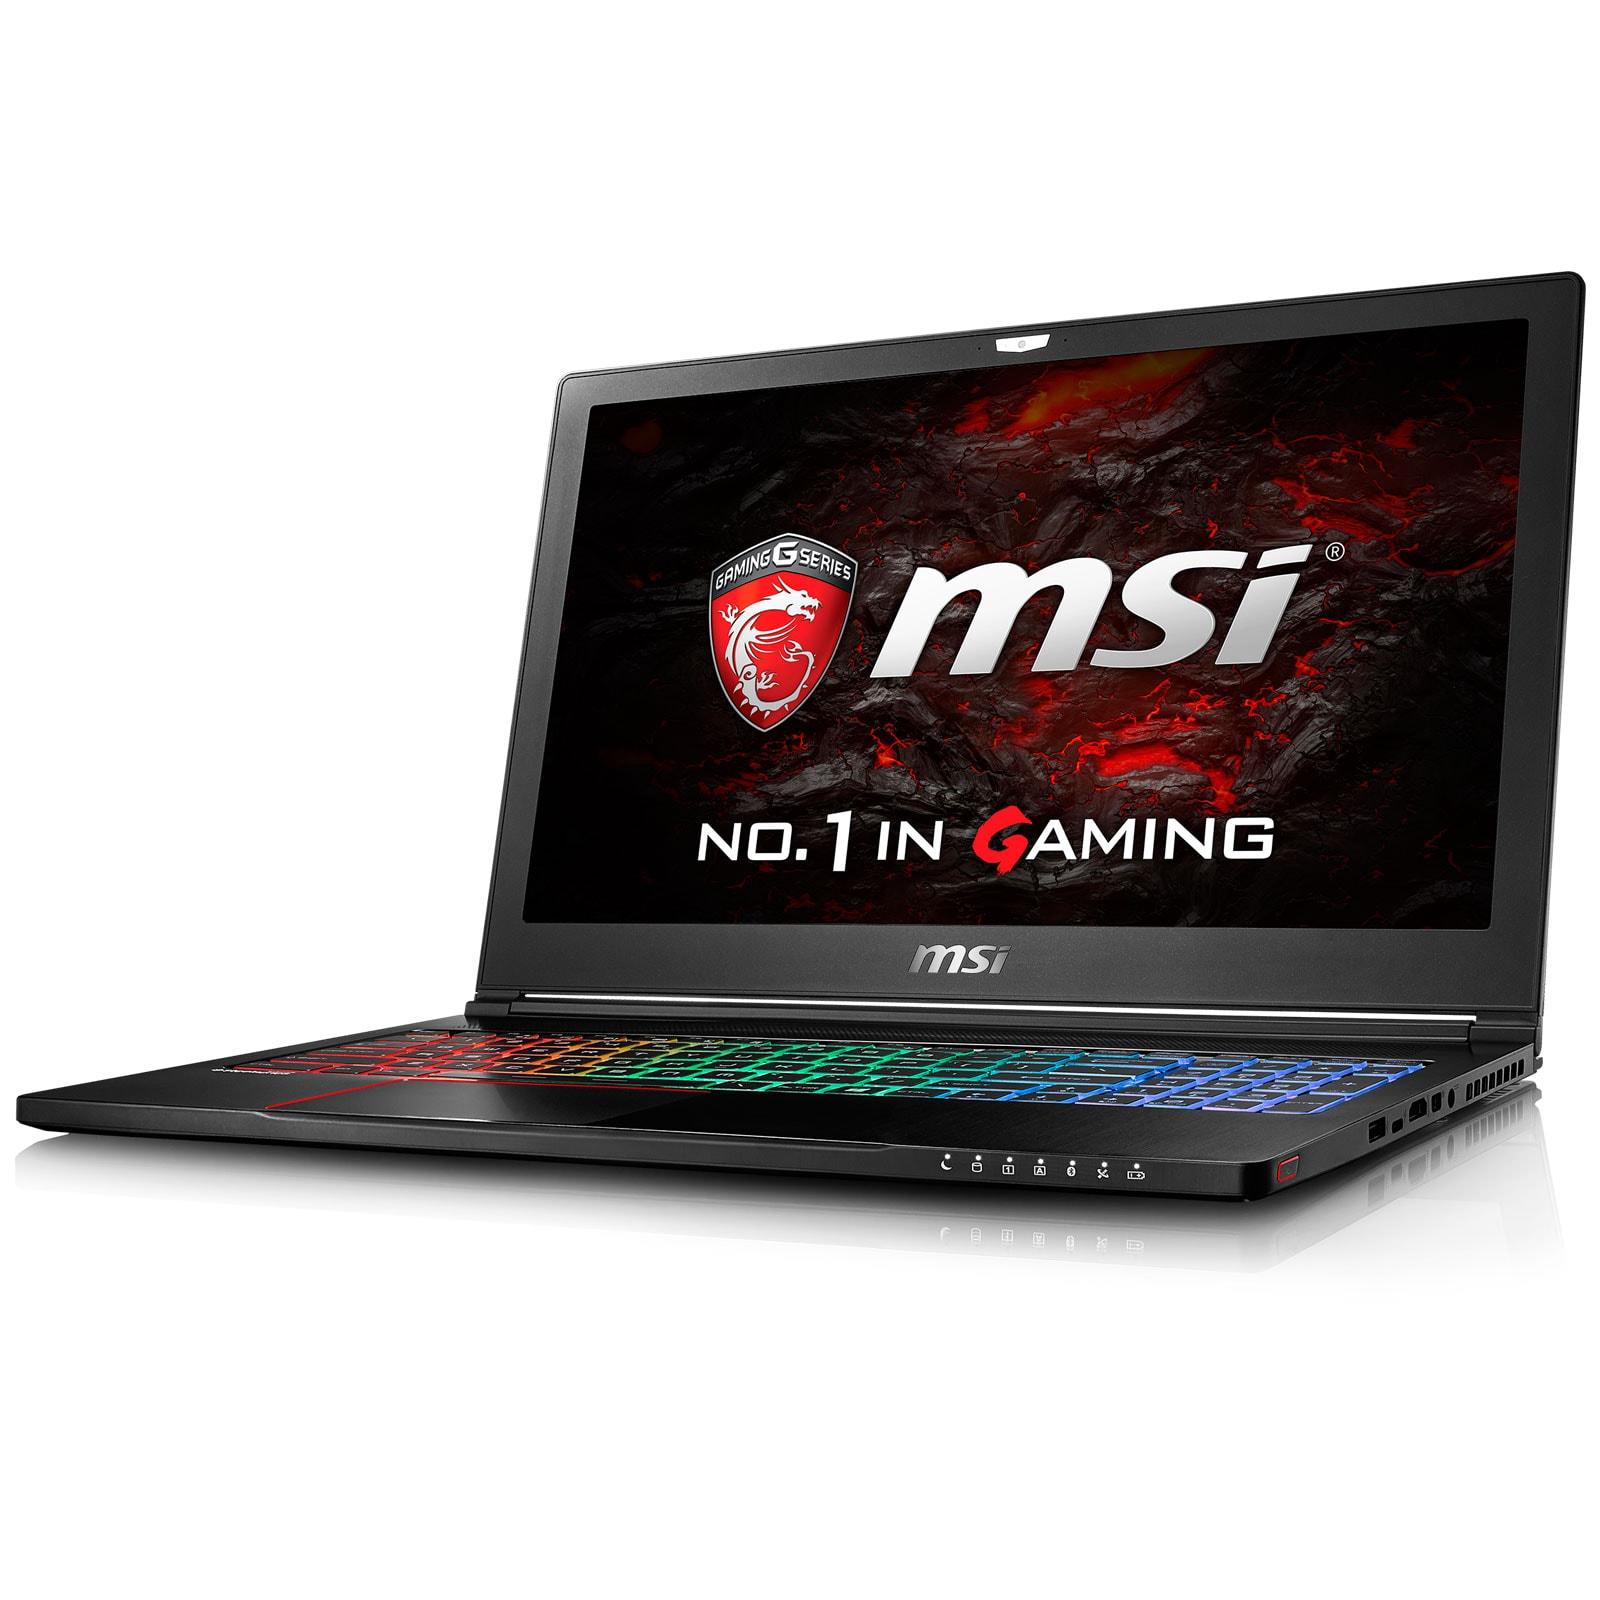 MSI 9S7-16K212-262 - PC portable MSI - Cybertek.fr - 4